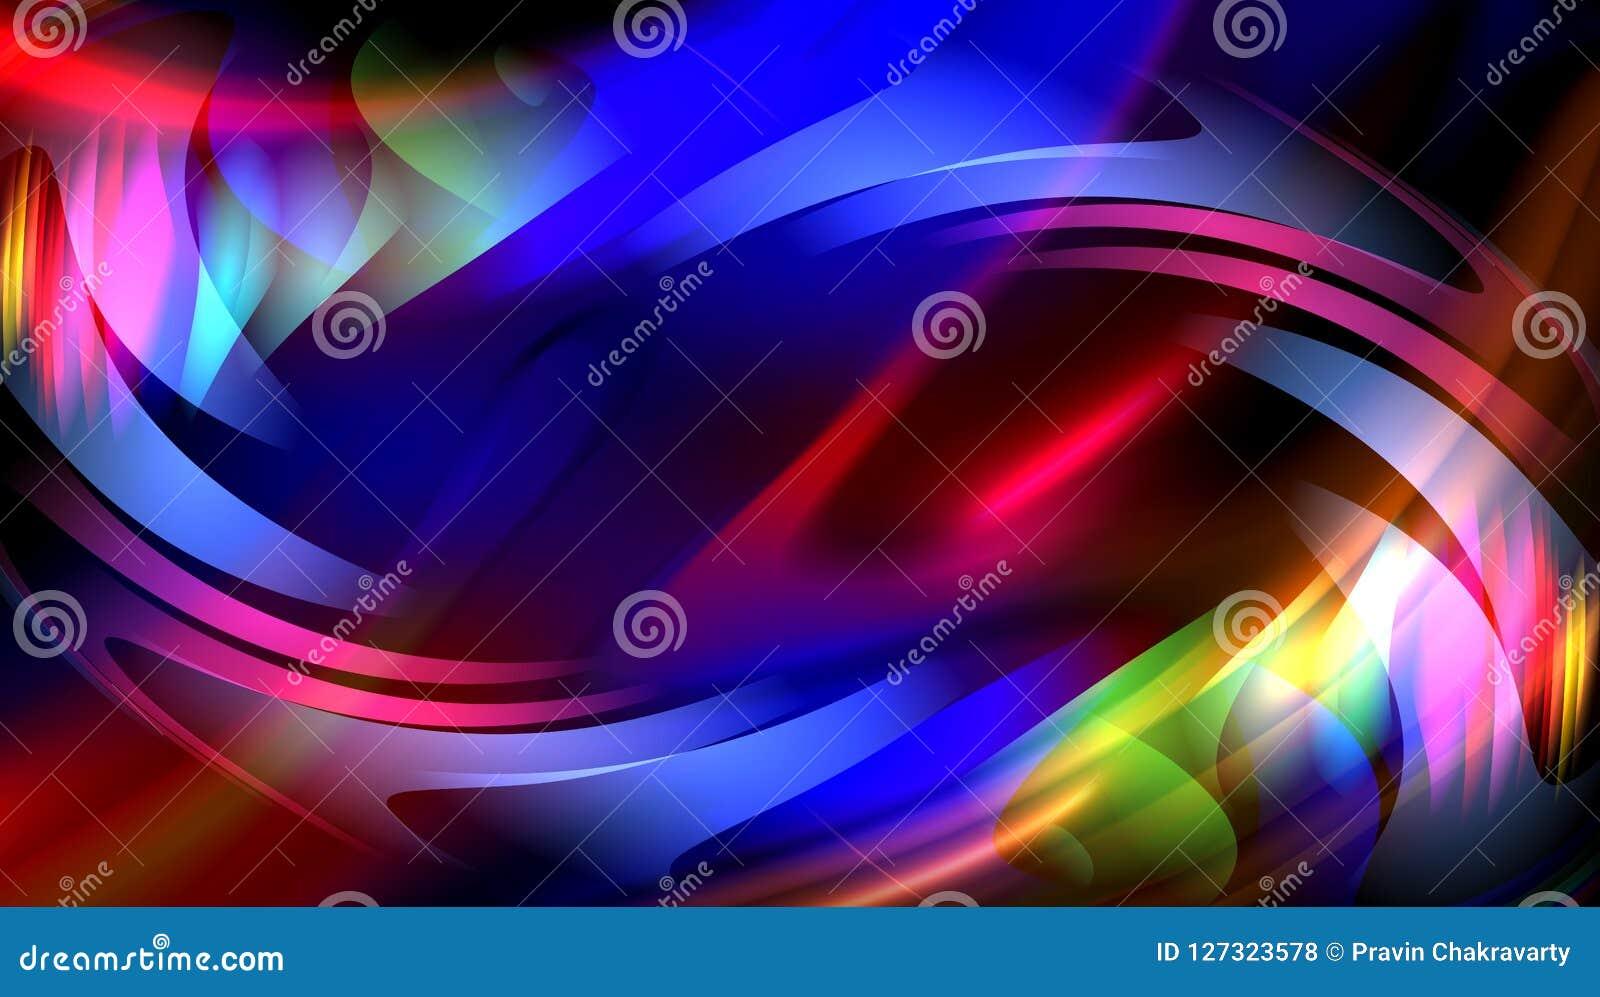 Kleurrijk onduidelijk beeld abstract vectorontwerp als achtergrond, kleurrijke vage in de schaduw gestelde achtergrond, levendige